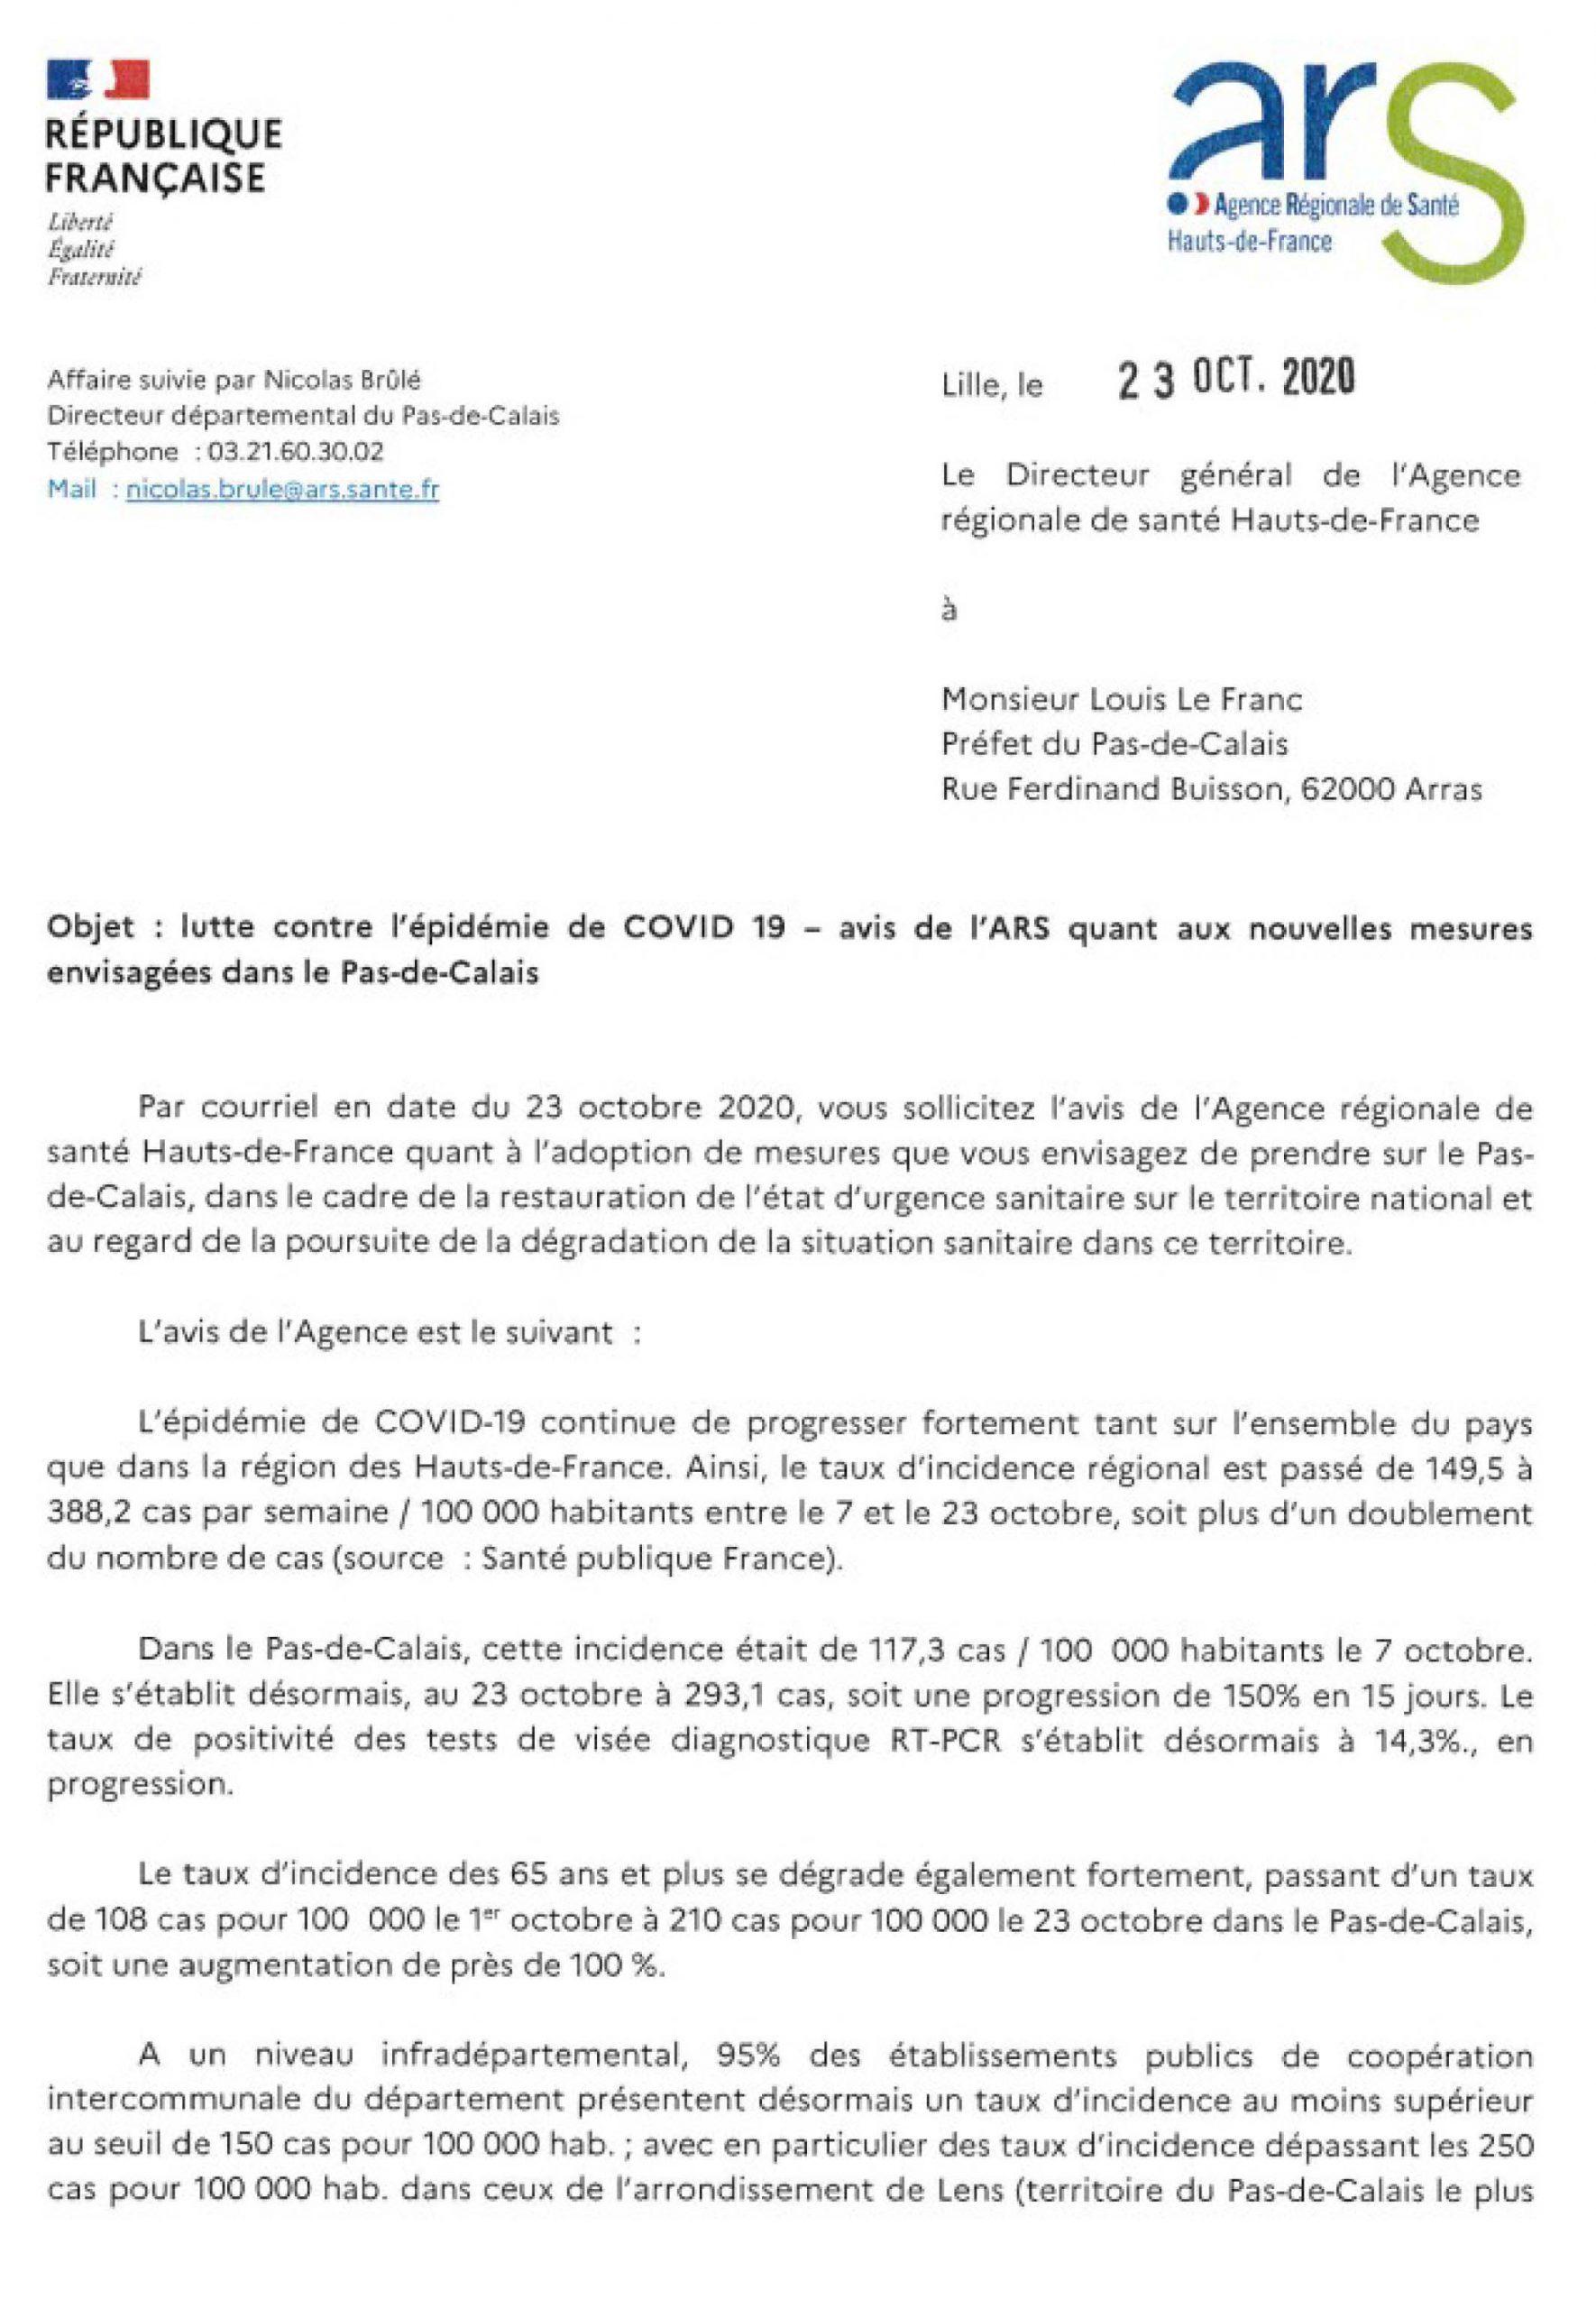 Arrete_prefectoral_du_24_octobre_2020-9